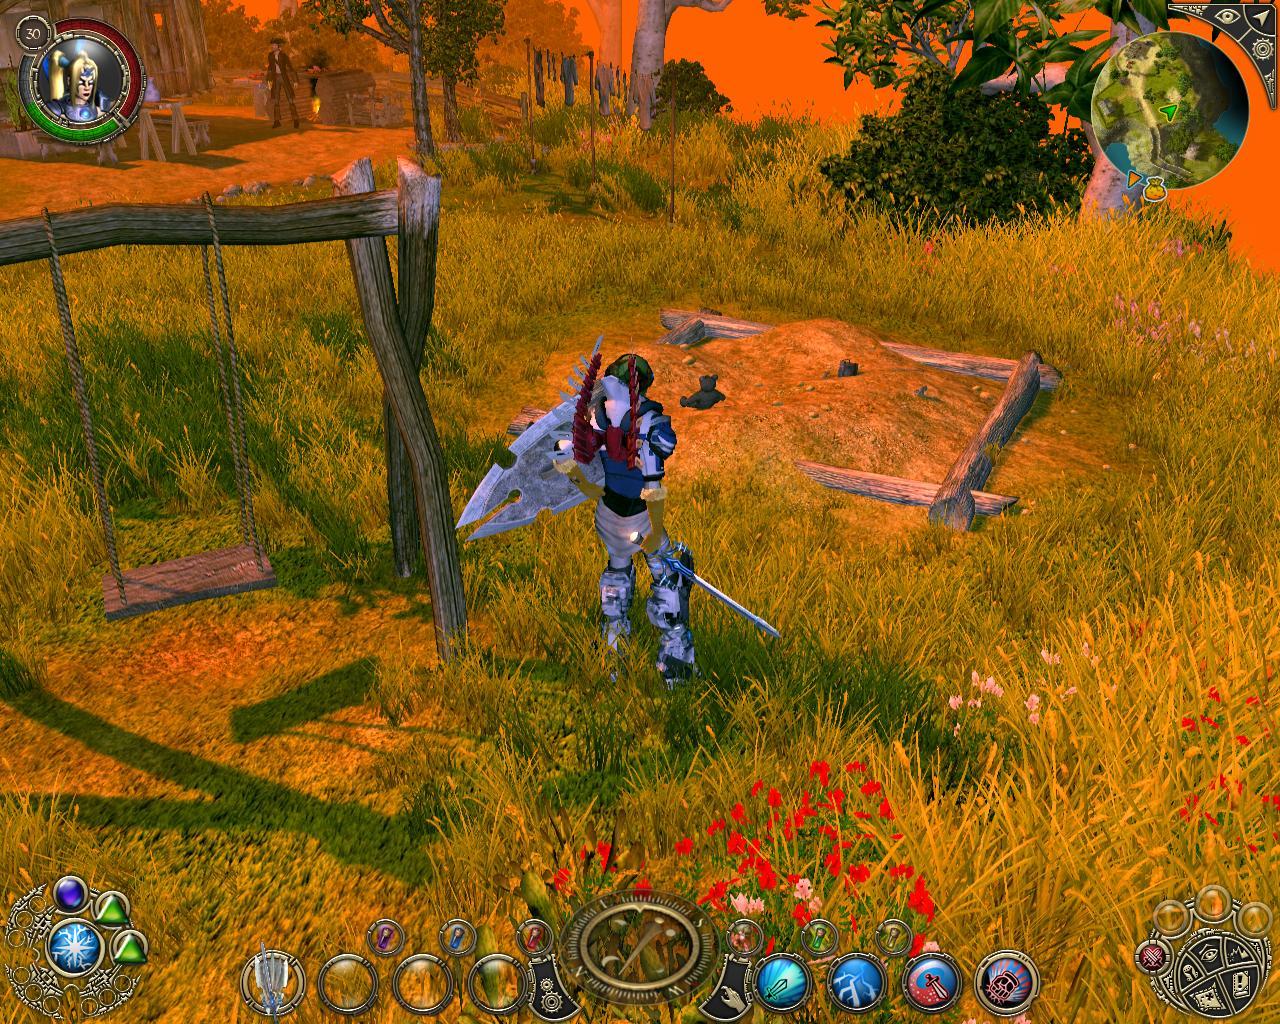 Все скриншоты из игры sacred 2: fallen angel